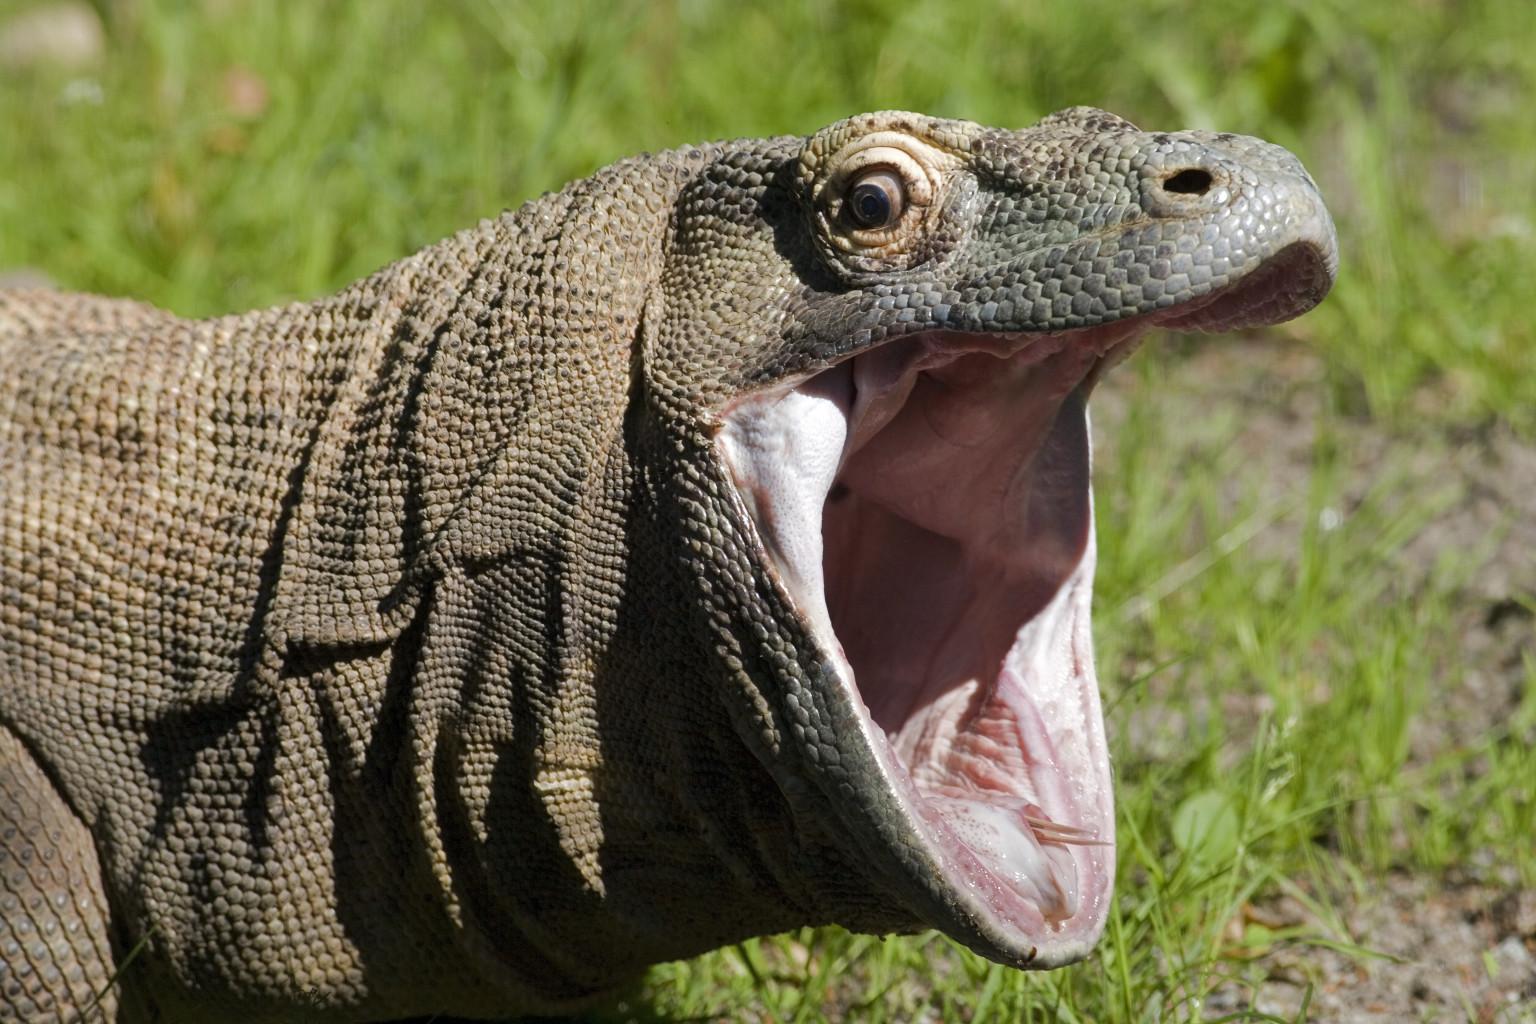 Komodo Dragon: Komodo Dragon Bacteria Less Toxic Than Previously Thought